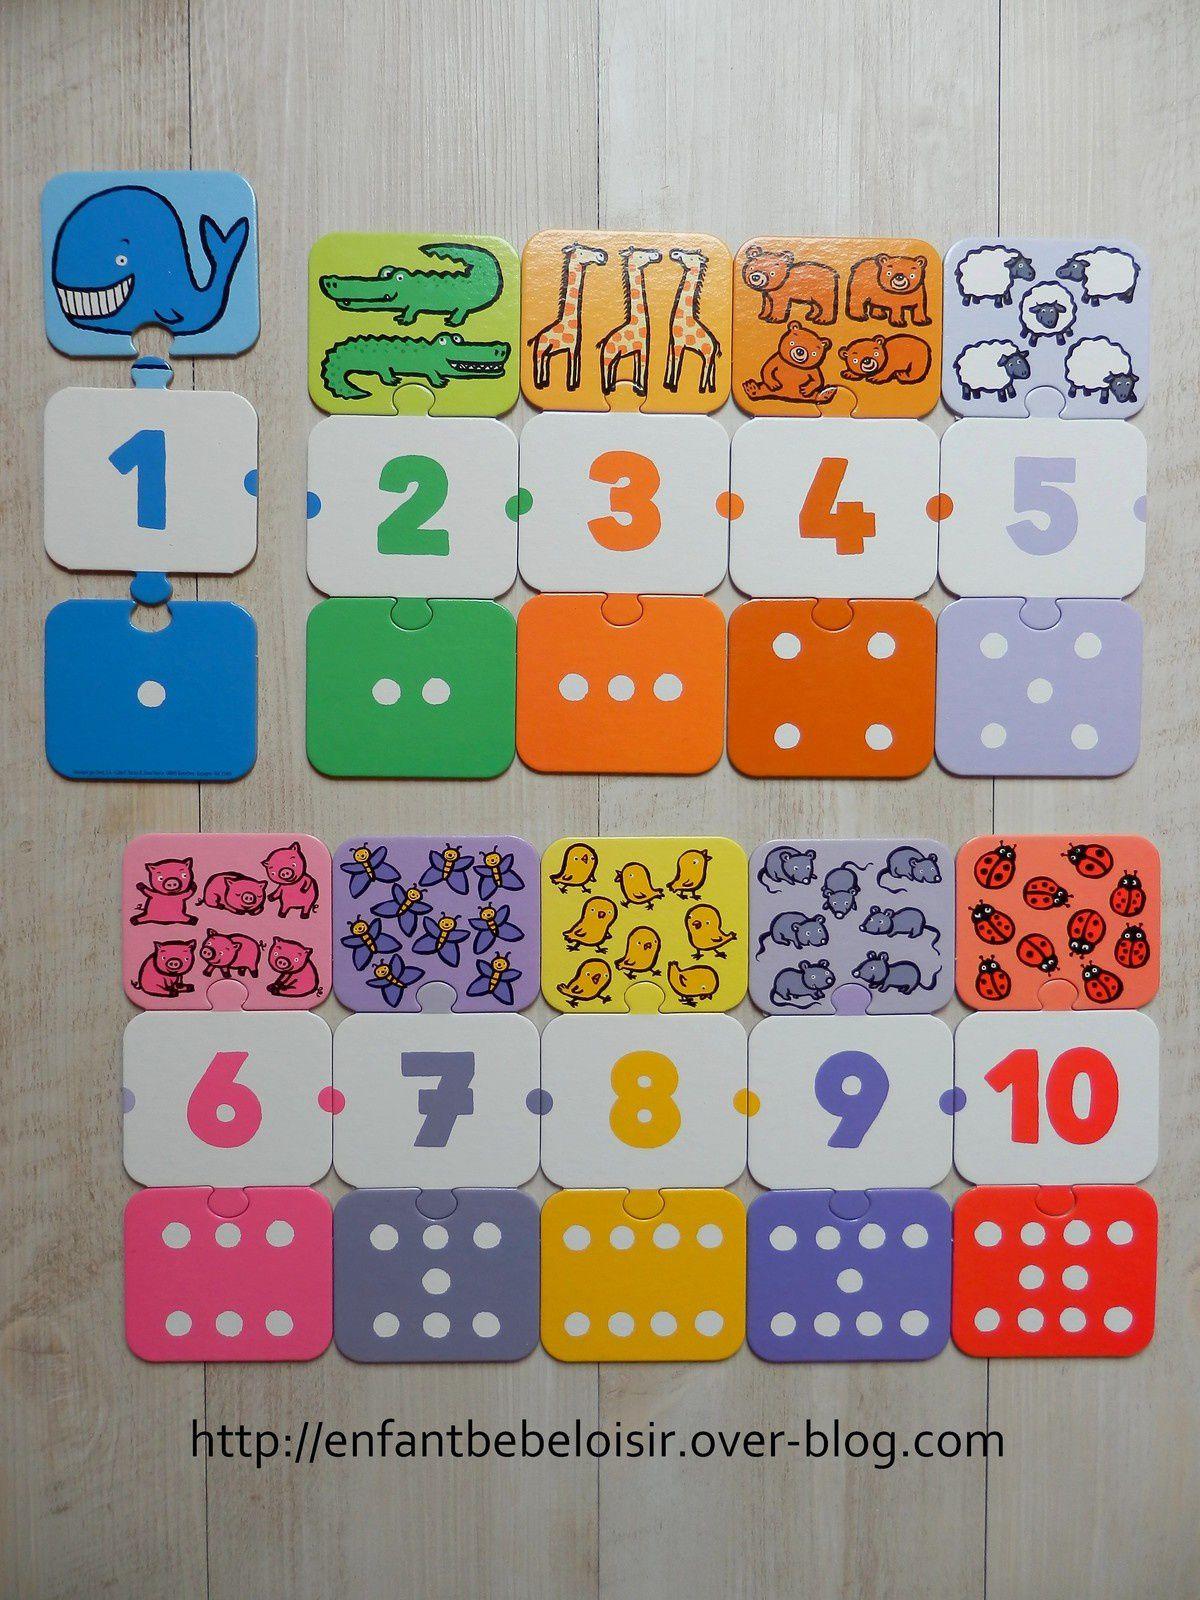 Jeux Ludo Éducatifs - Apprendre Les Chiffres - Enfant Bébé encequiconcerne Jeux Avec Des Chiffres